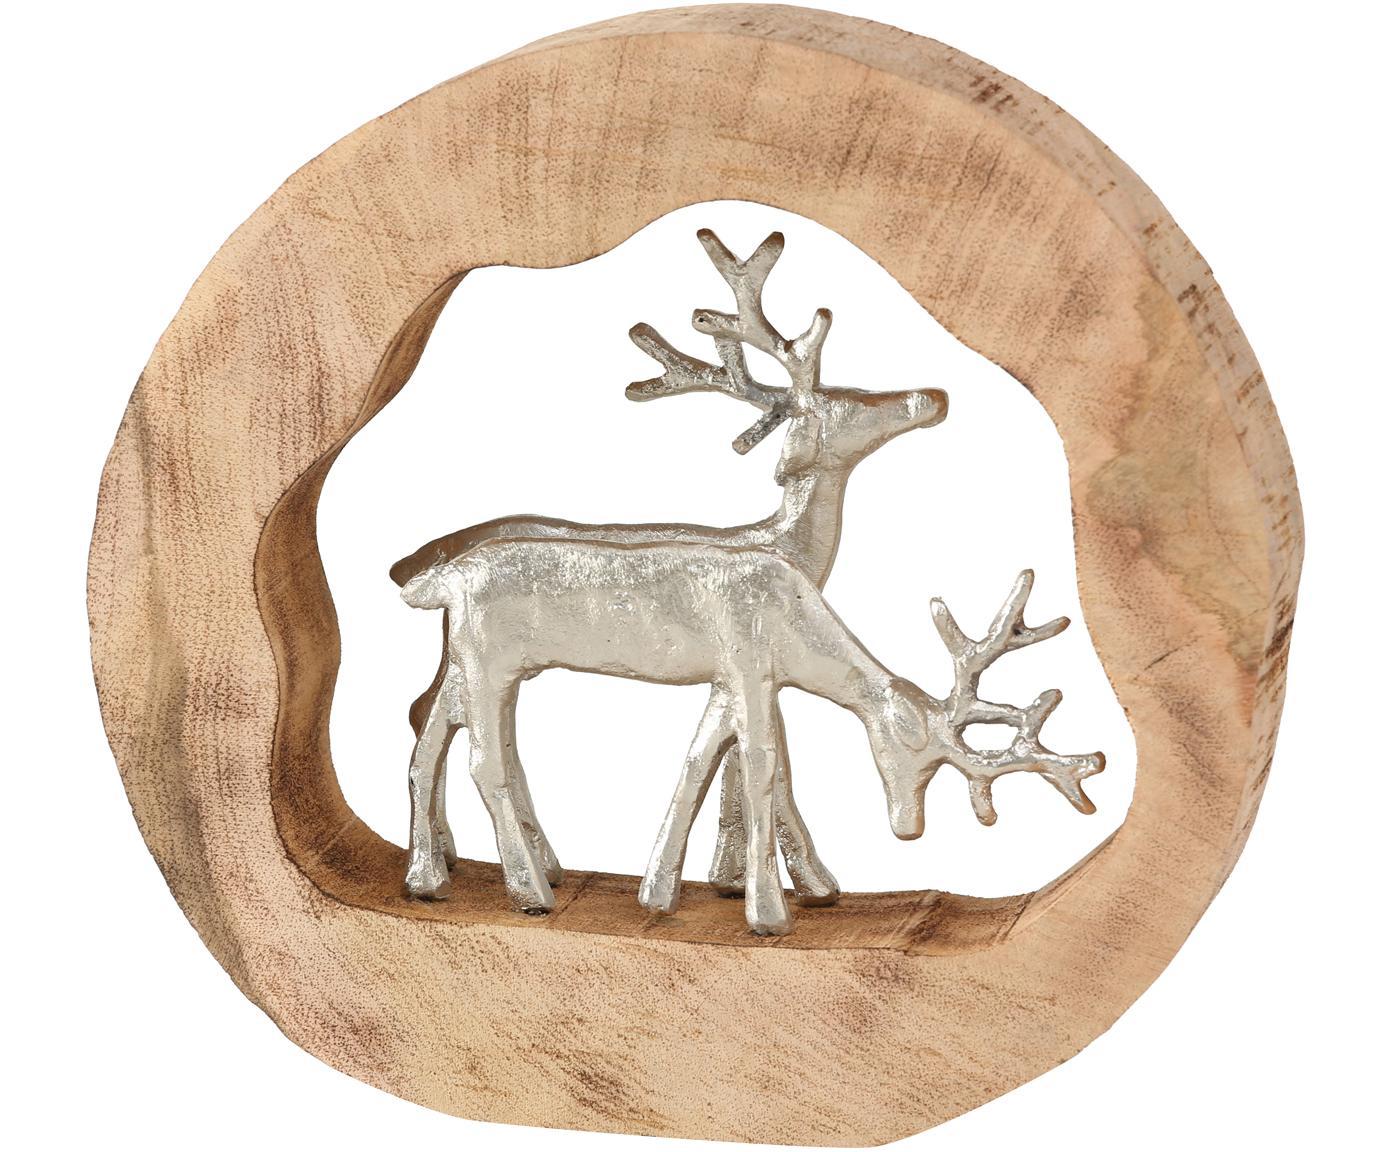 Deko-Objekt Elmar, Holz, Aluminium, beschichtet, Holz, Silberfarben, 27 x 28 cm